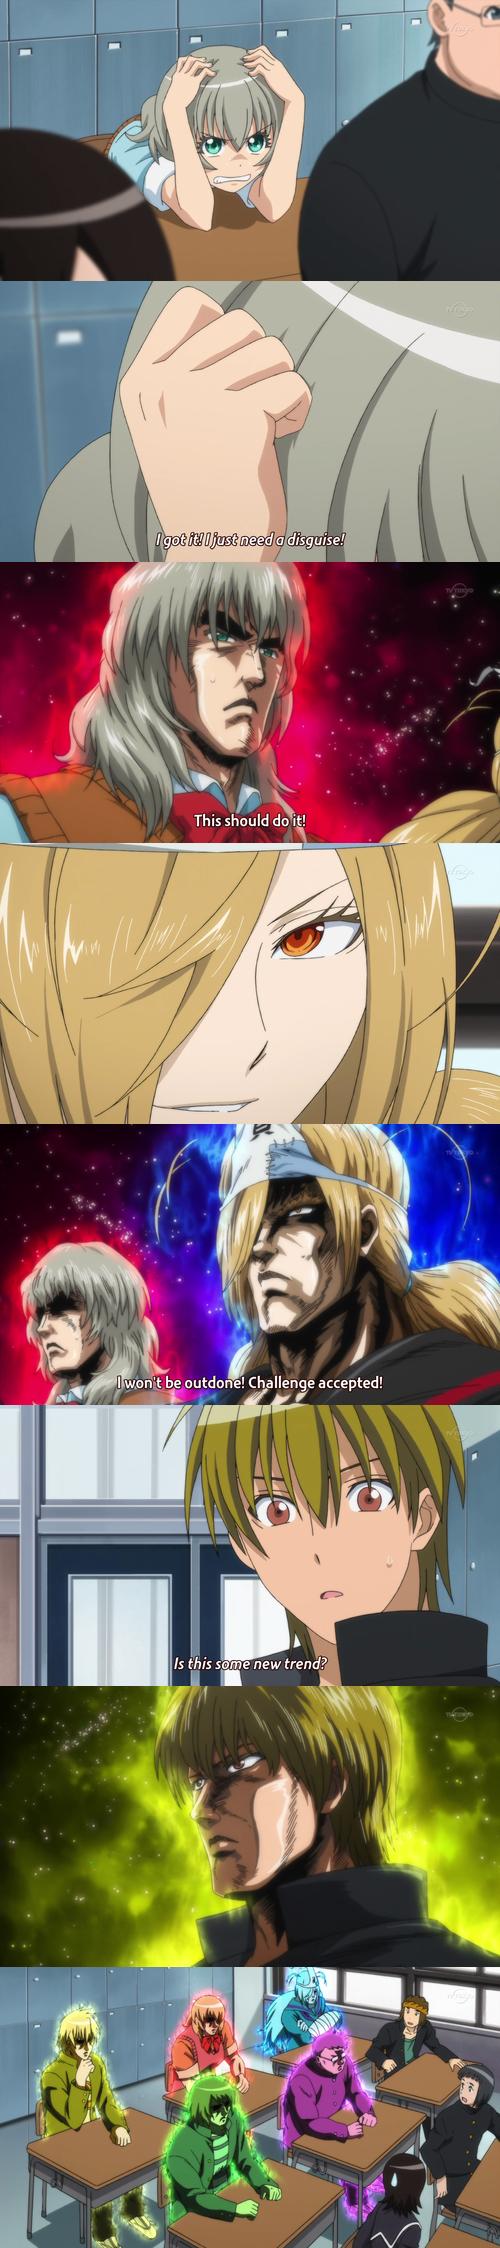 *Makes Hokuto no Ken Face*